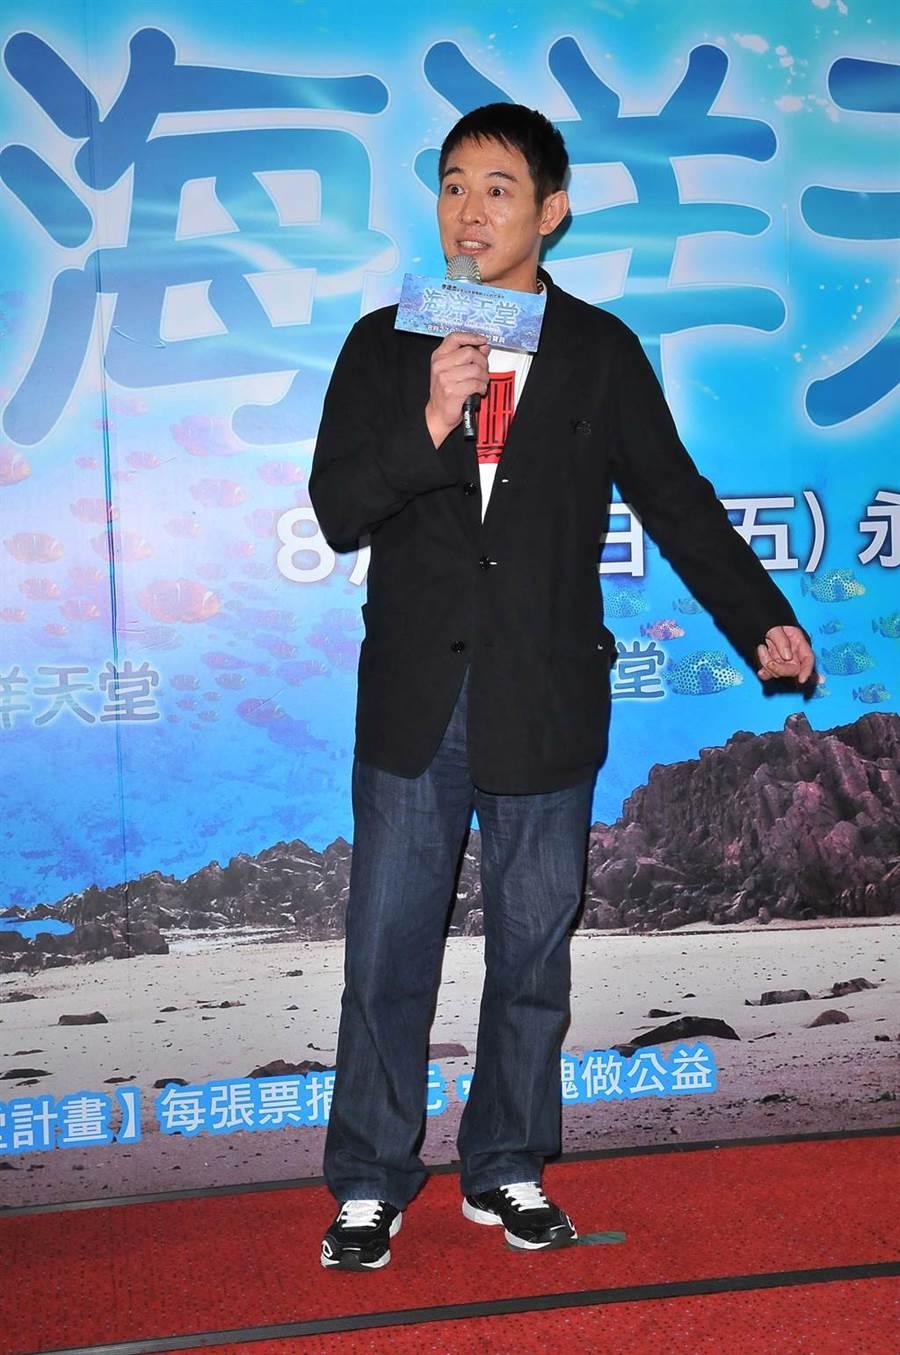 李連杰10年前來台宣傳節目,曾坦言娶前妻是為沖喜改運。(中時資料照)